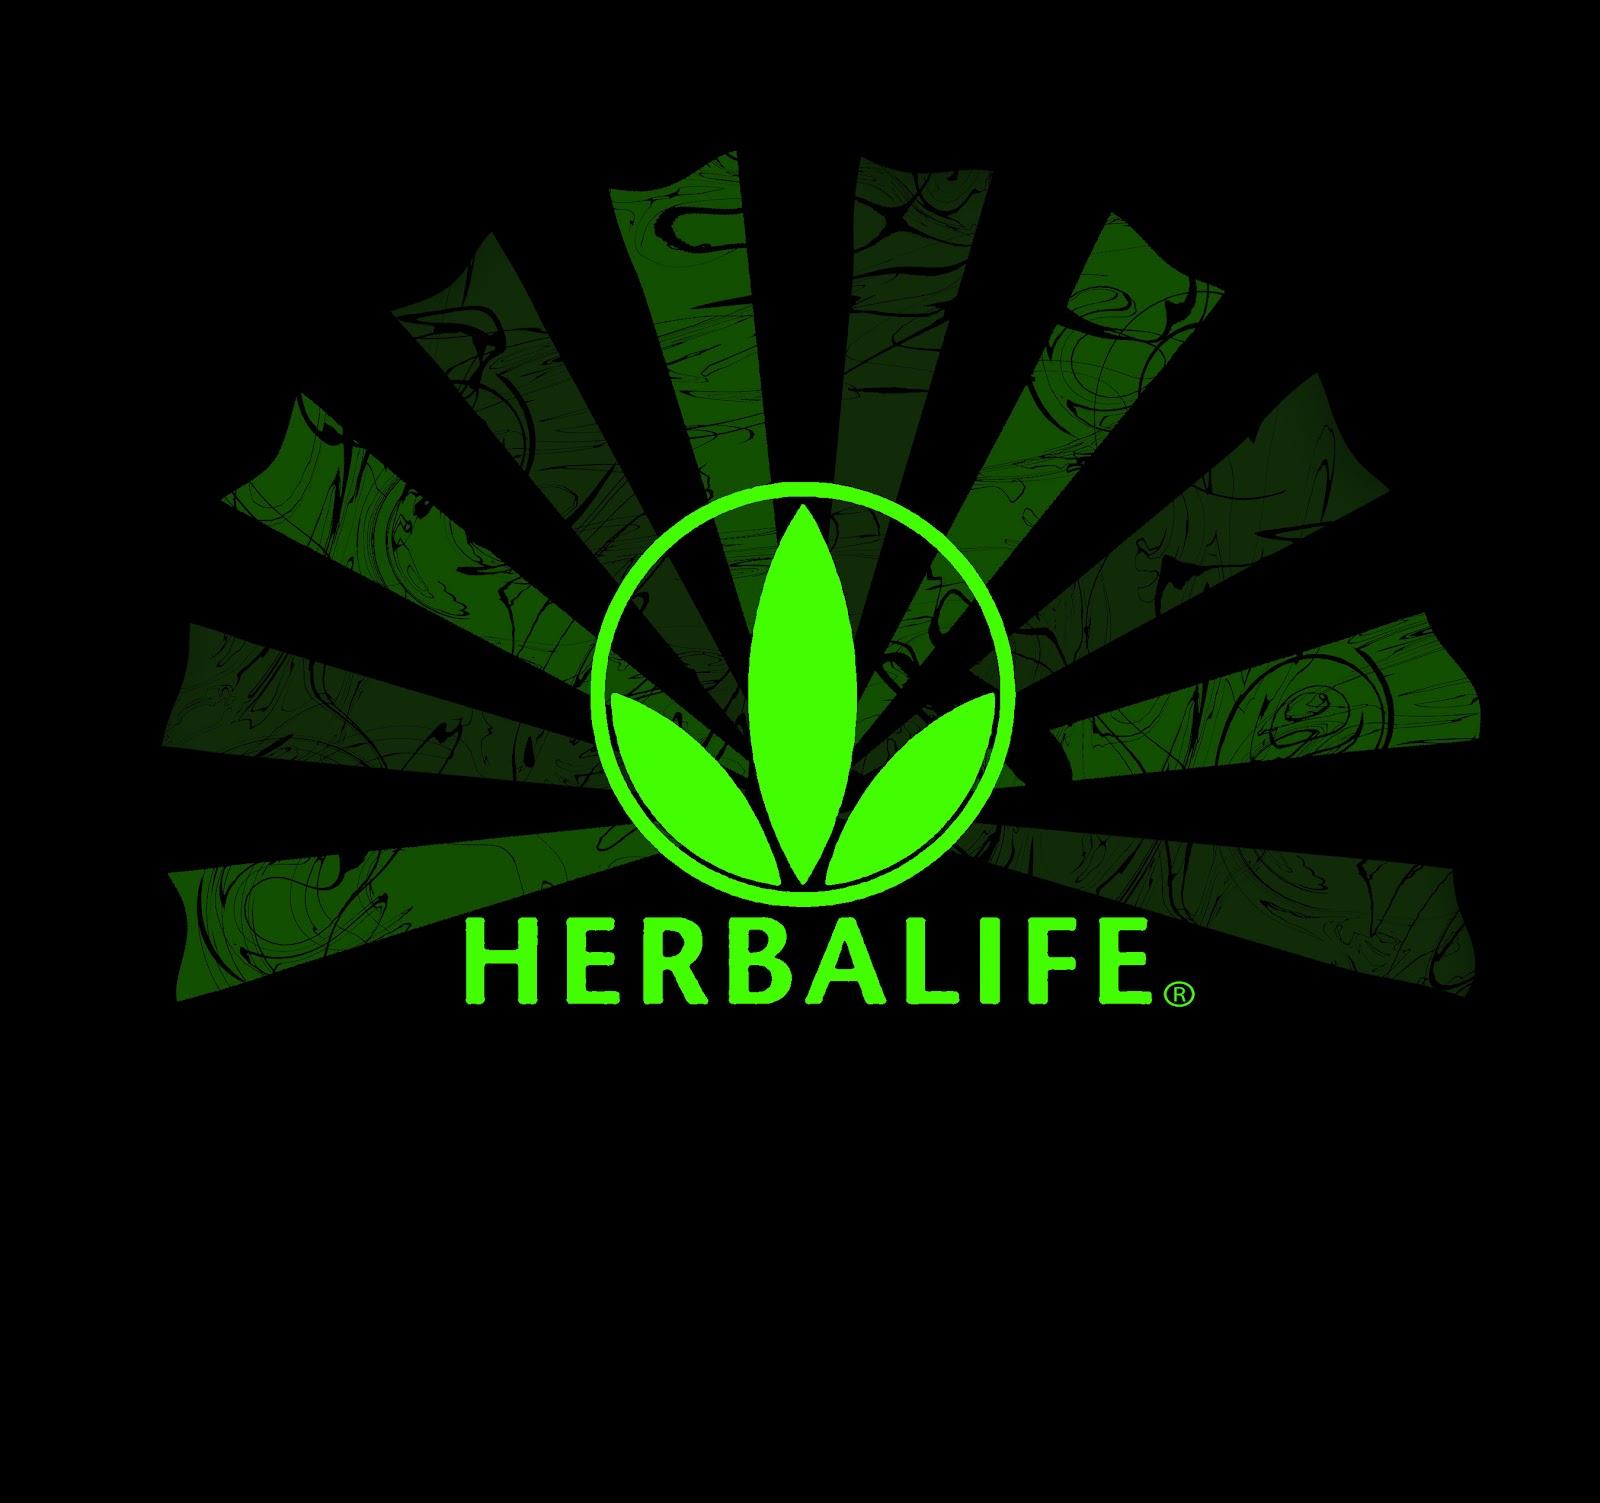 Herbalife sotto inchiesta: ecco la verità